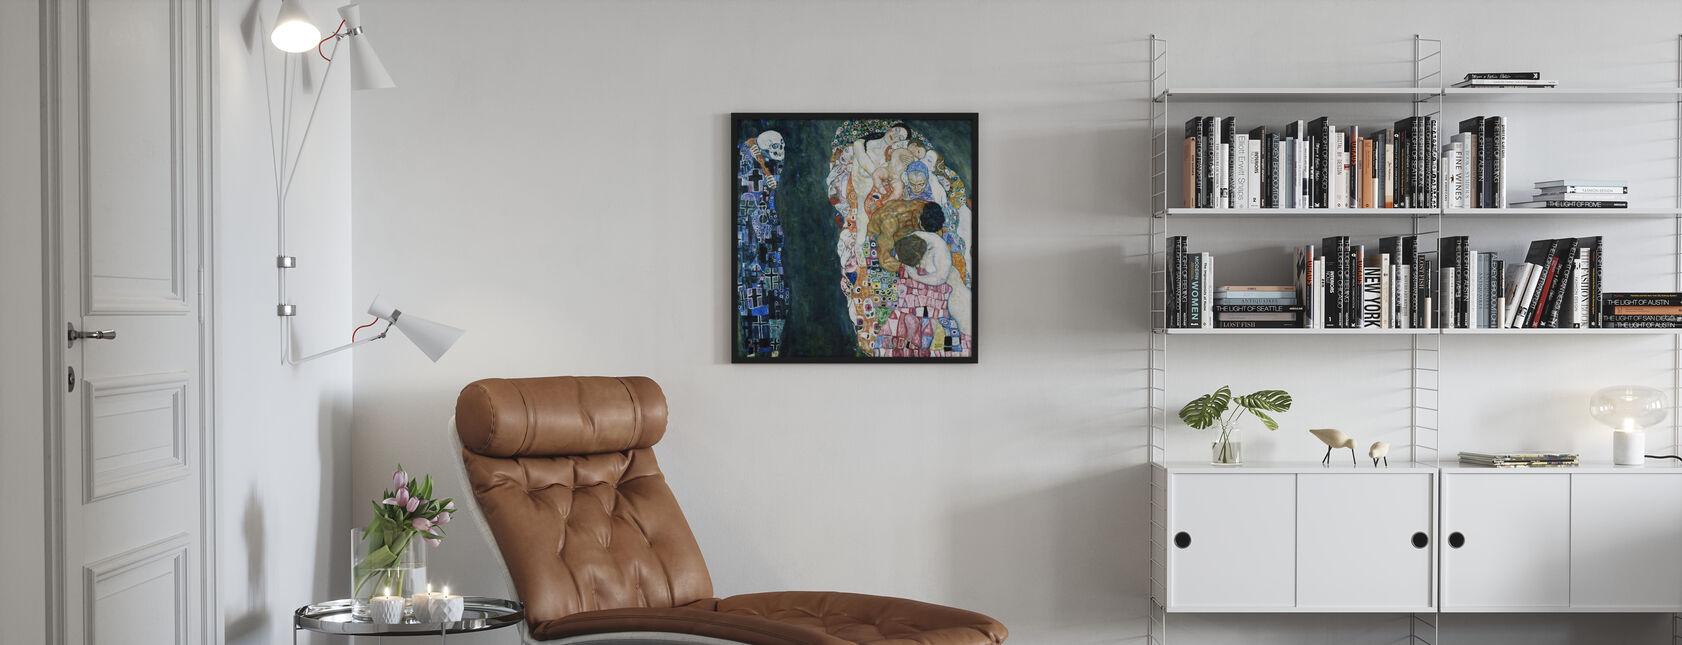 Morte e Vita - Gustav Klimt - Poster - Salotto